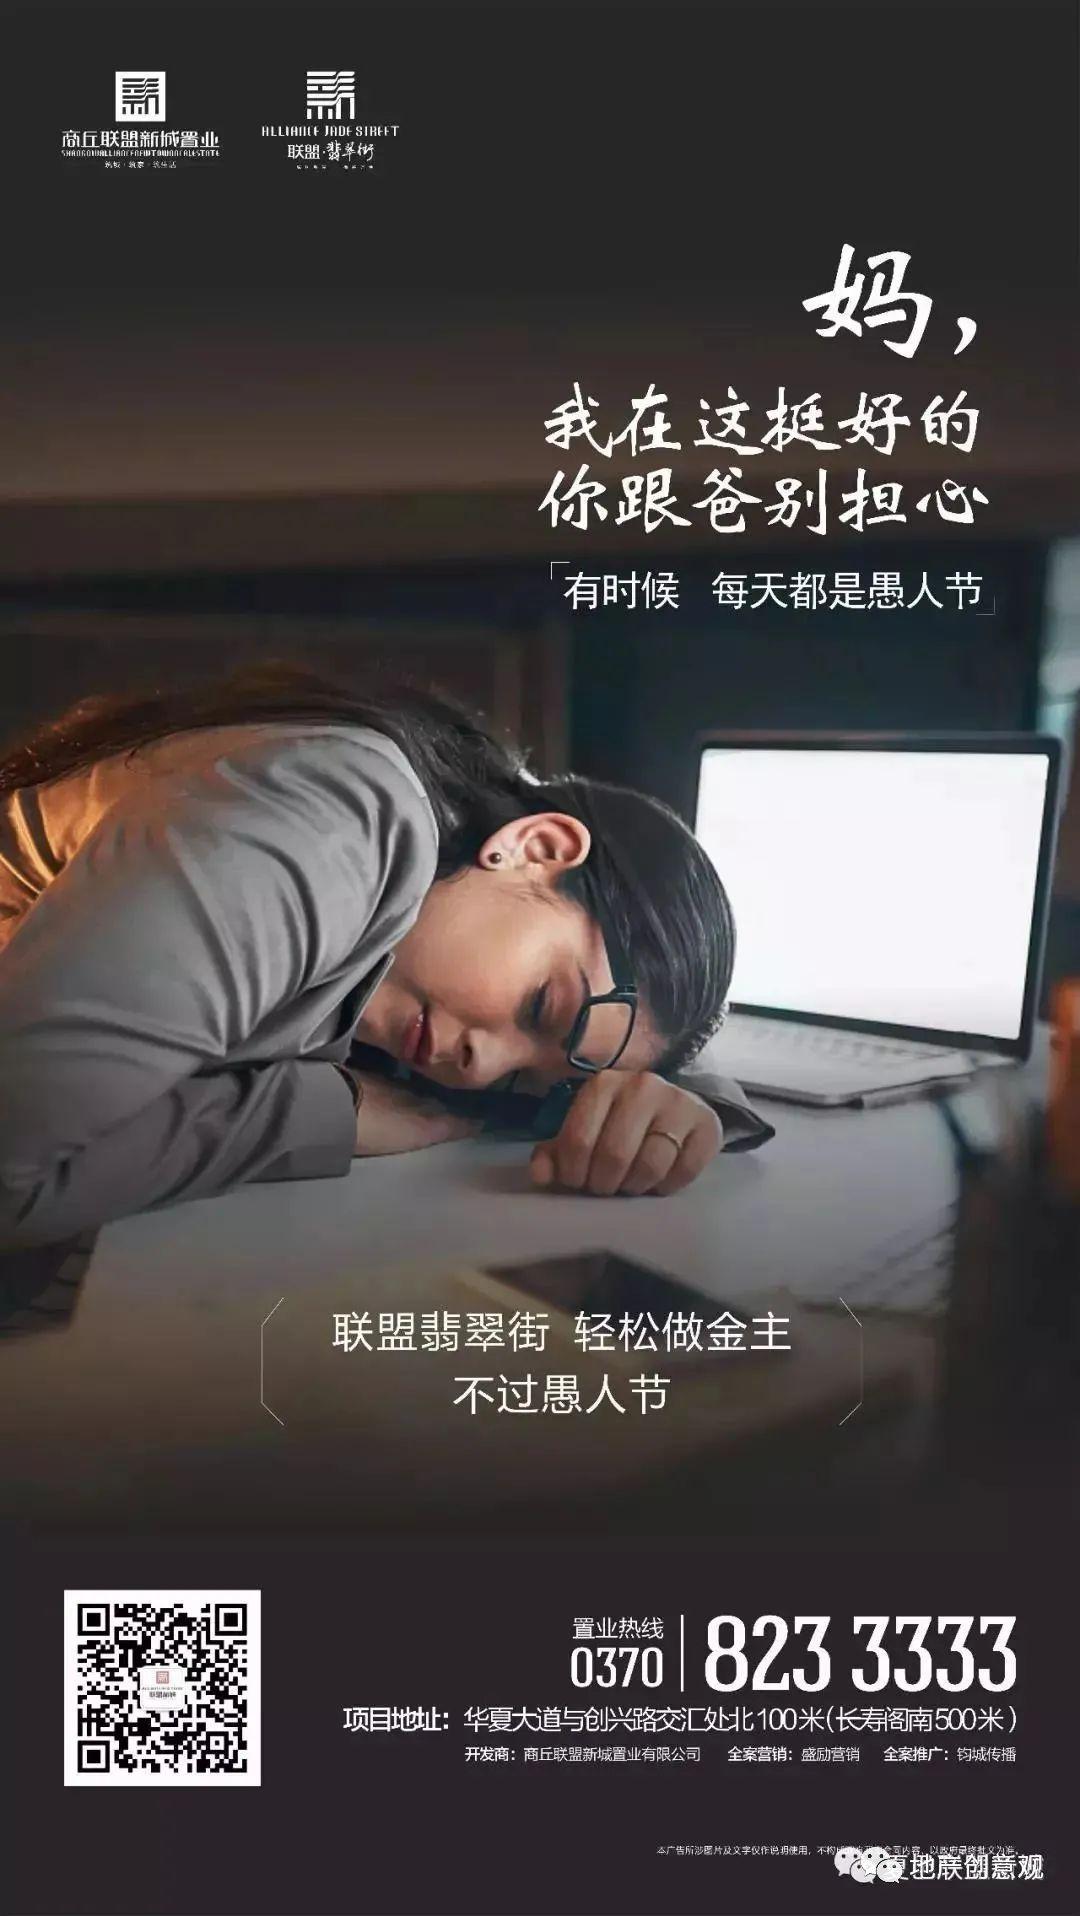 地产广告丨2021愚人节借势海报文案欣赏~插图192